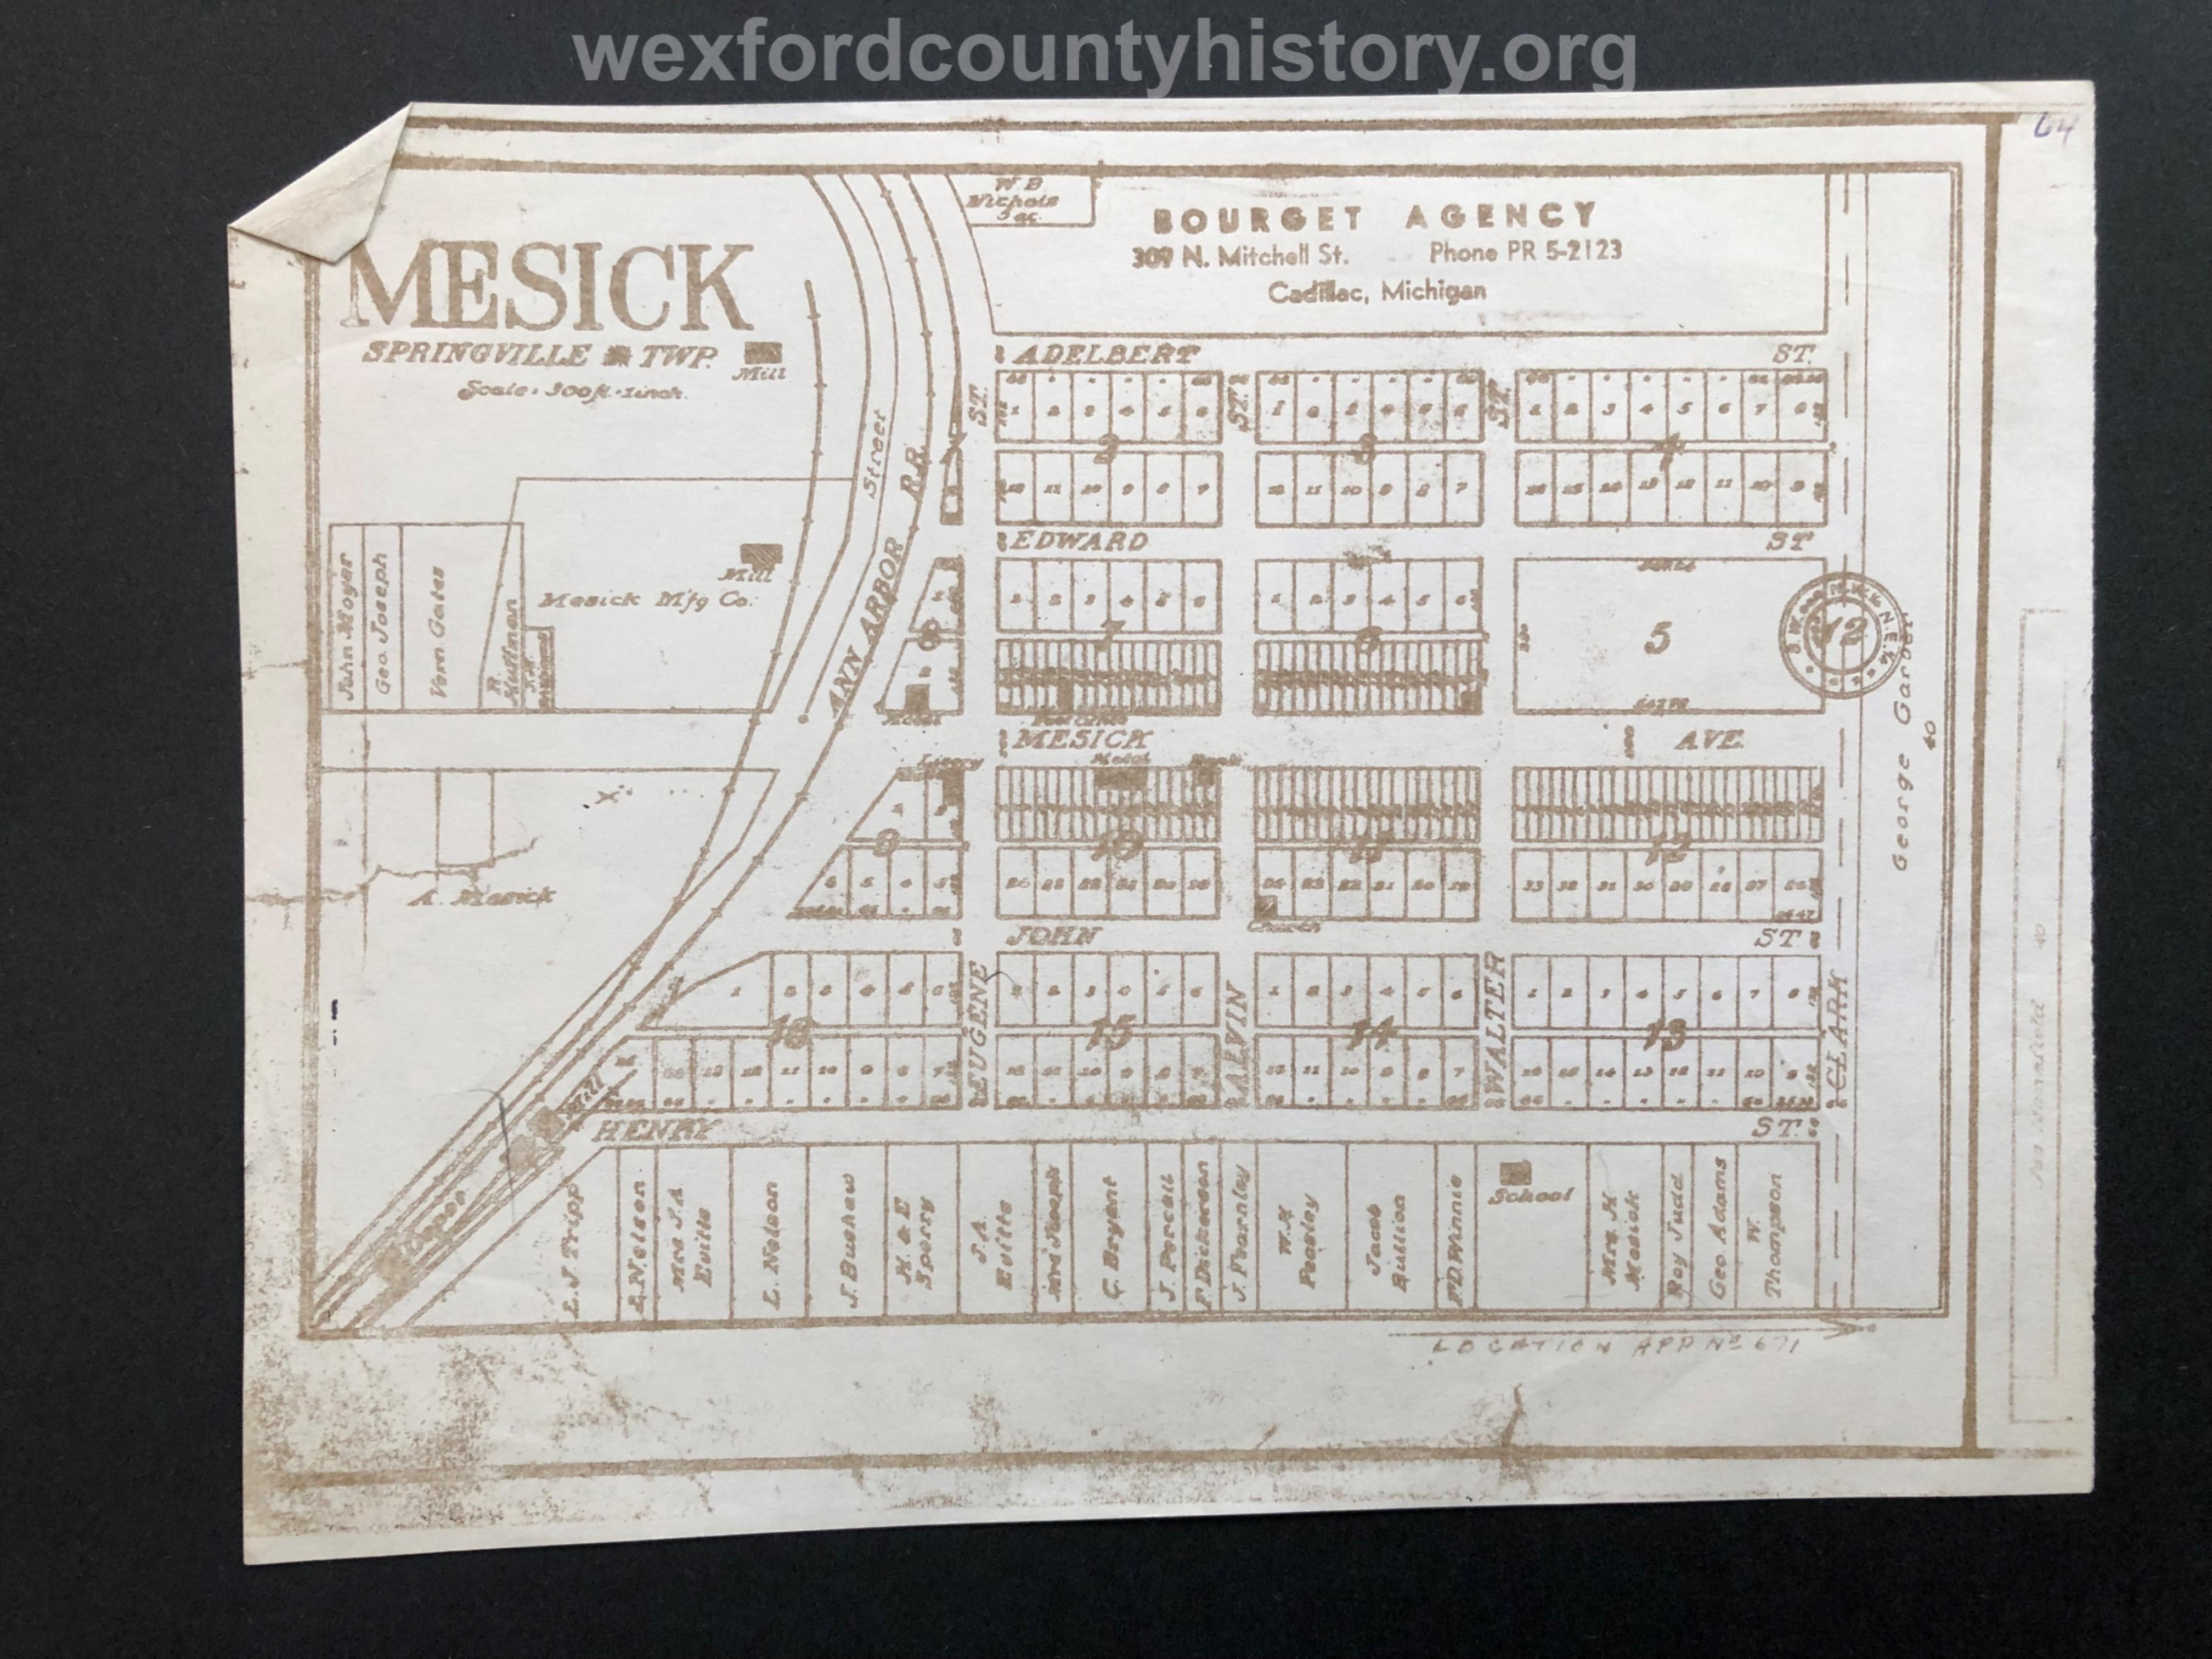 City Of Mesick